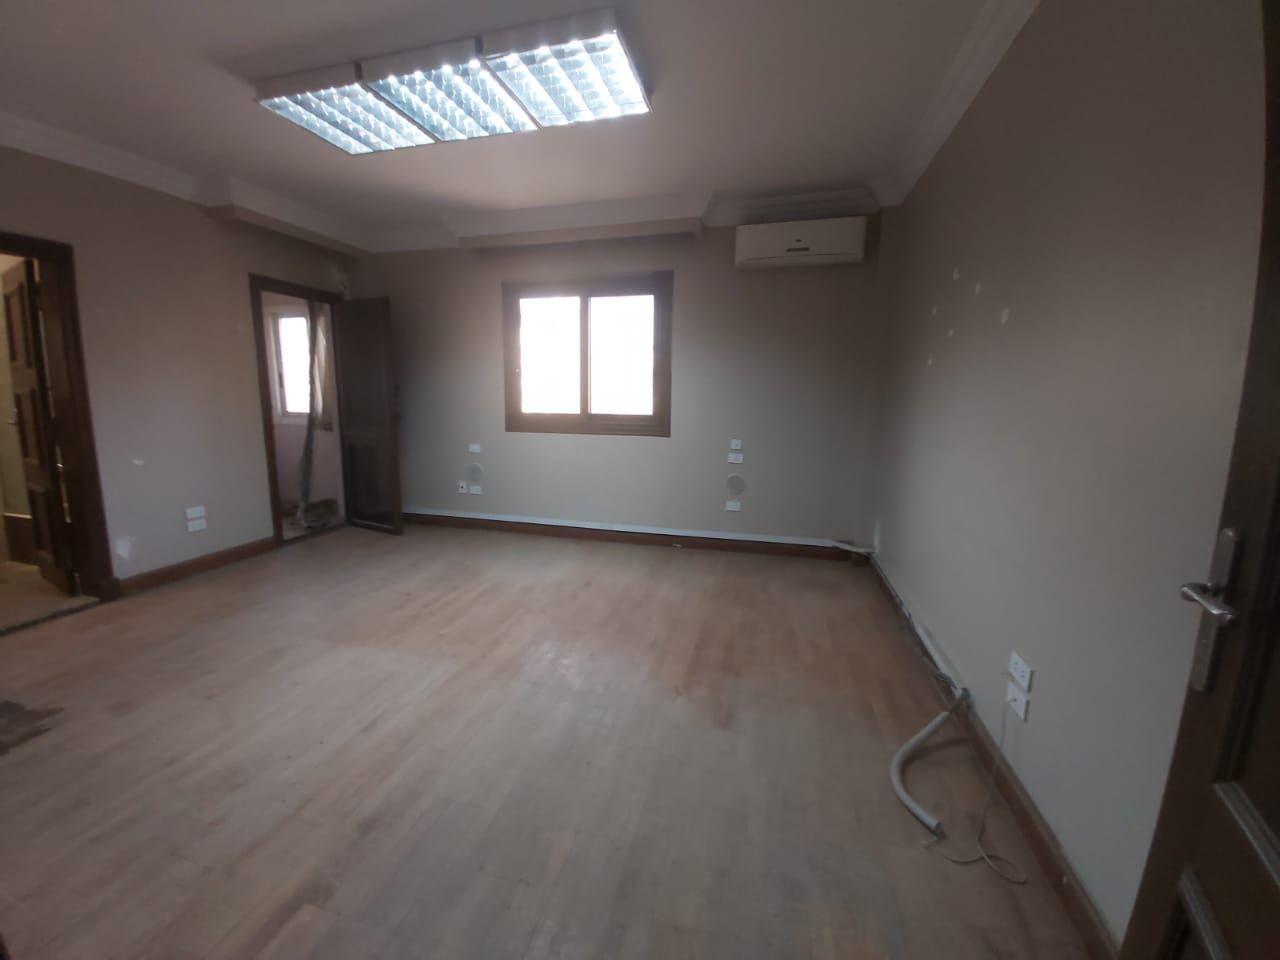 مكتب ادارى 400م مكيف بالمهندسين